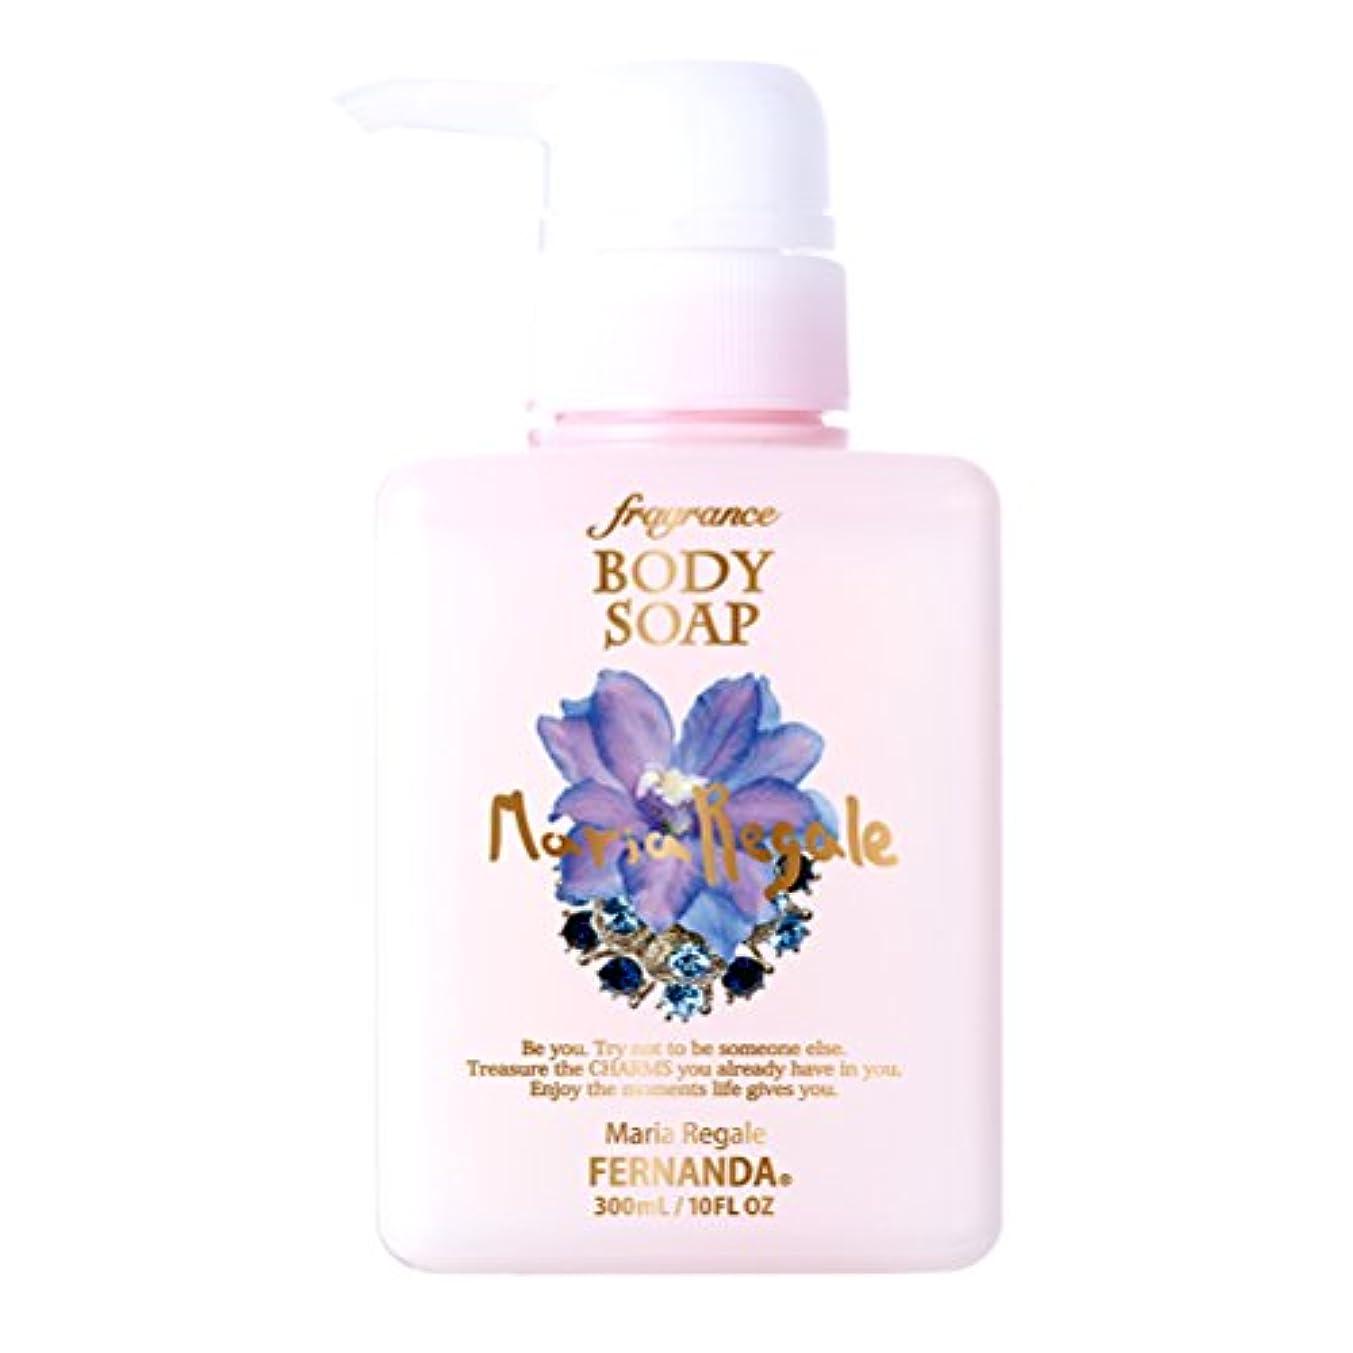 ナチュラルサービス漫画FERNANDA(フェルナンダ) Fragrance Body Soap Maria Regale (ボディソープ マリアリゲル) FJBS0003